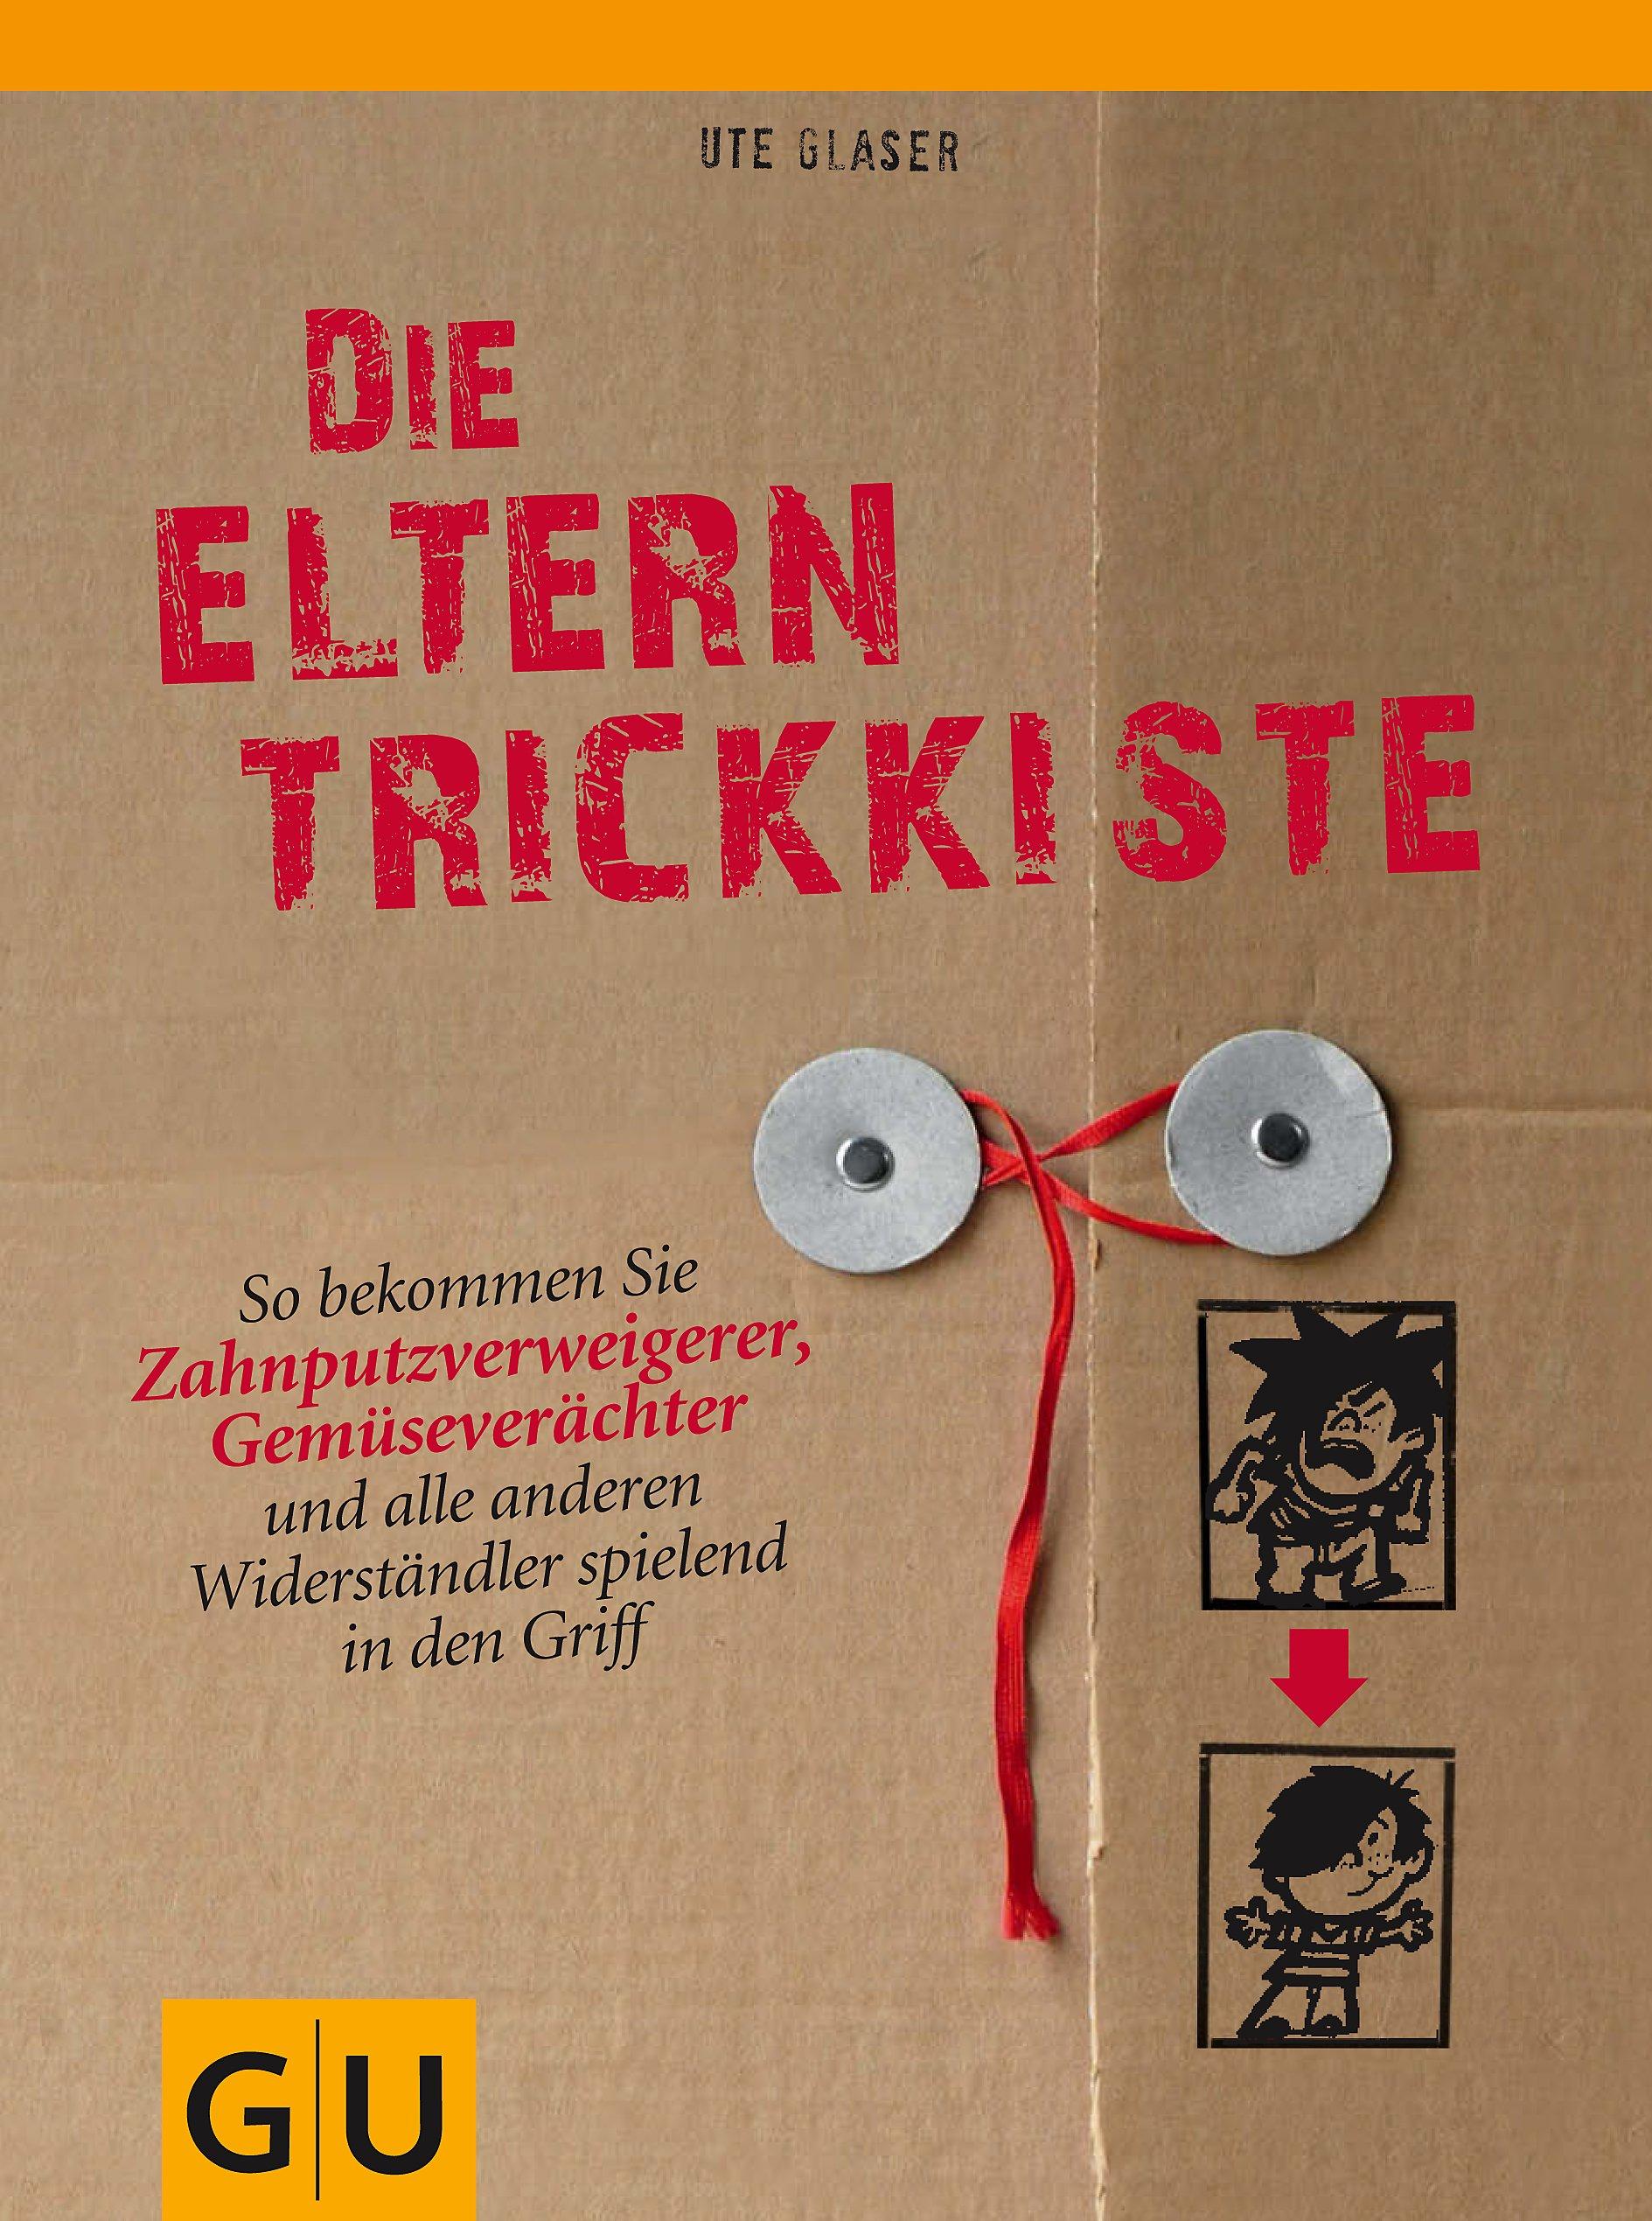 Die Eltern Trickkiste Buch Von Ute Glaser Versandkostenfrei